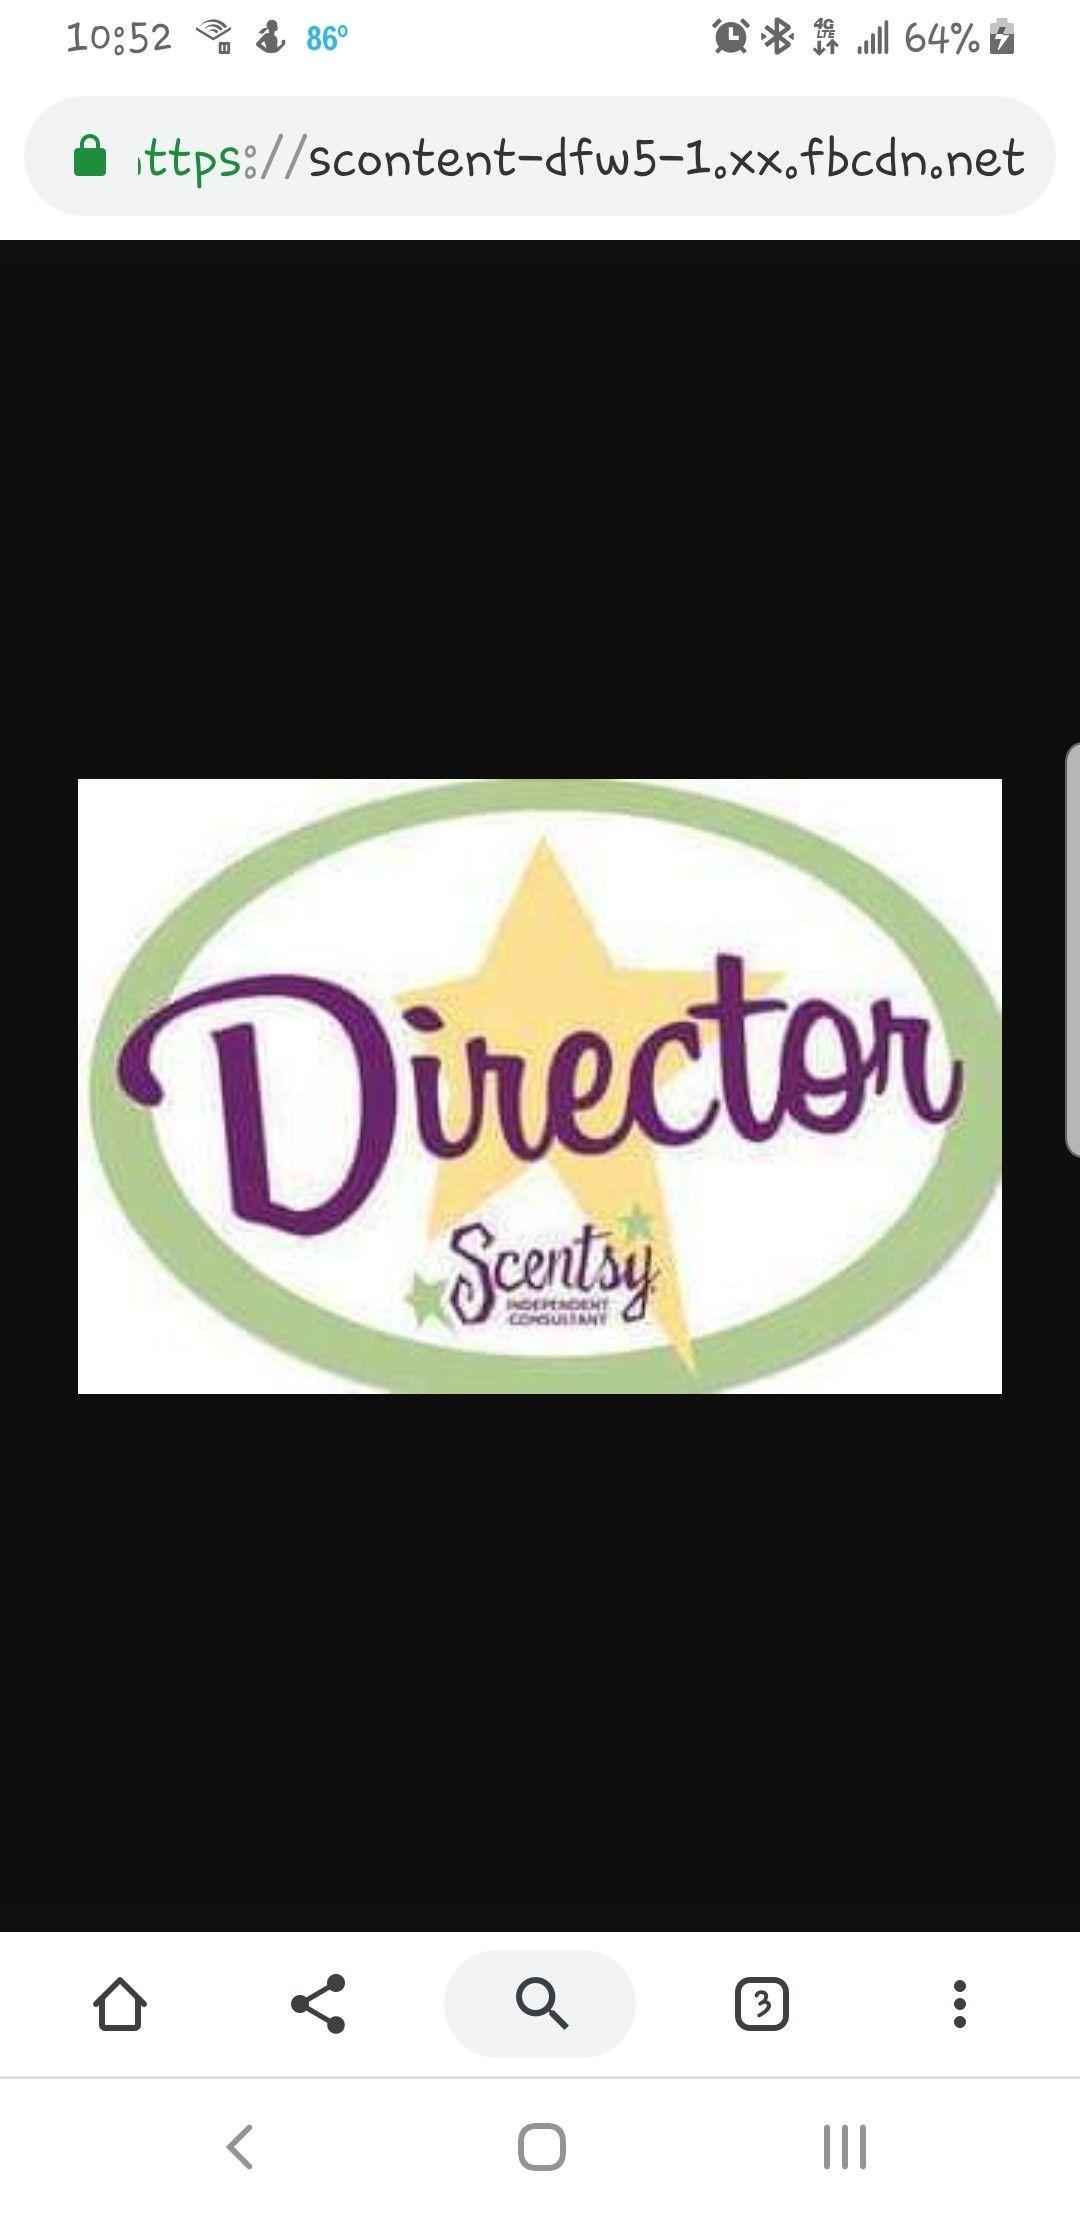 Scentsy Director Scentsy Tech Company Logos Company Logo